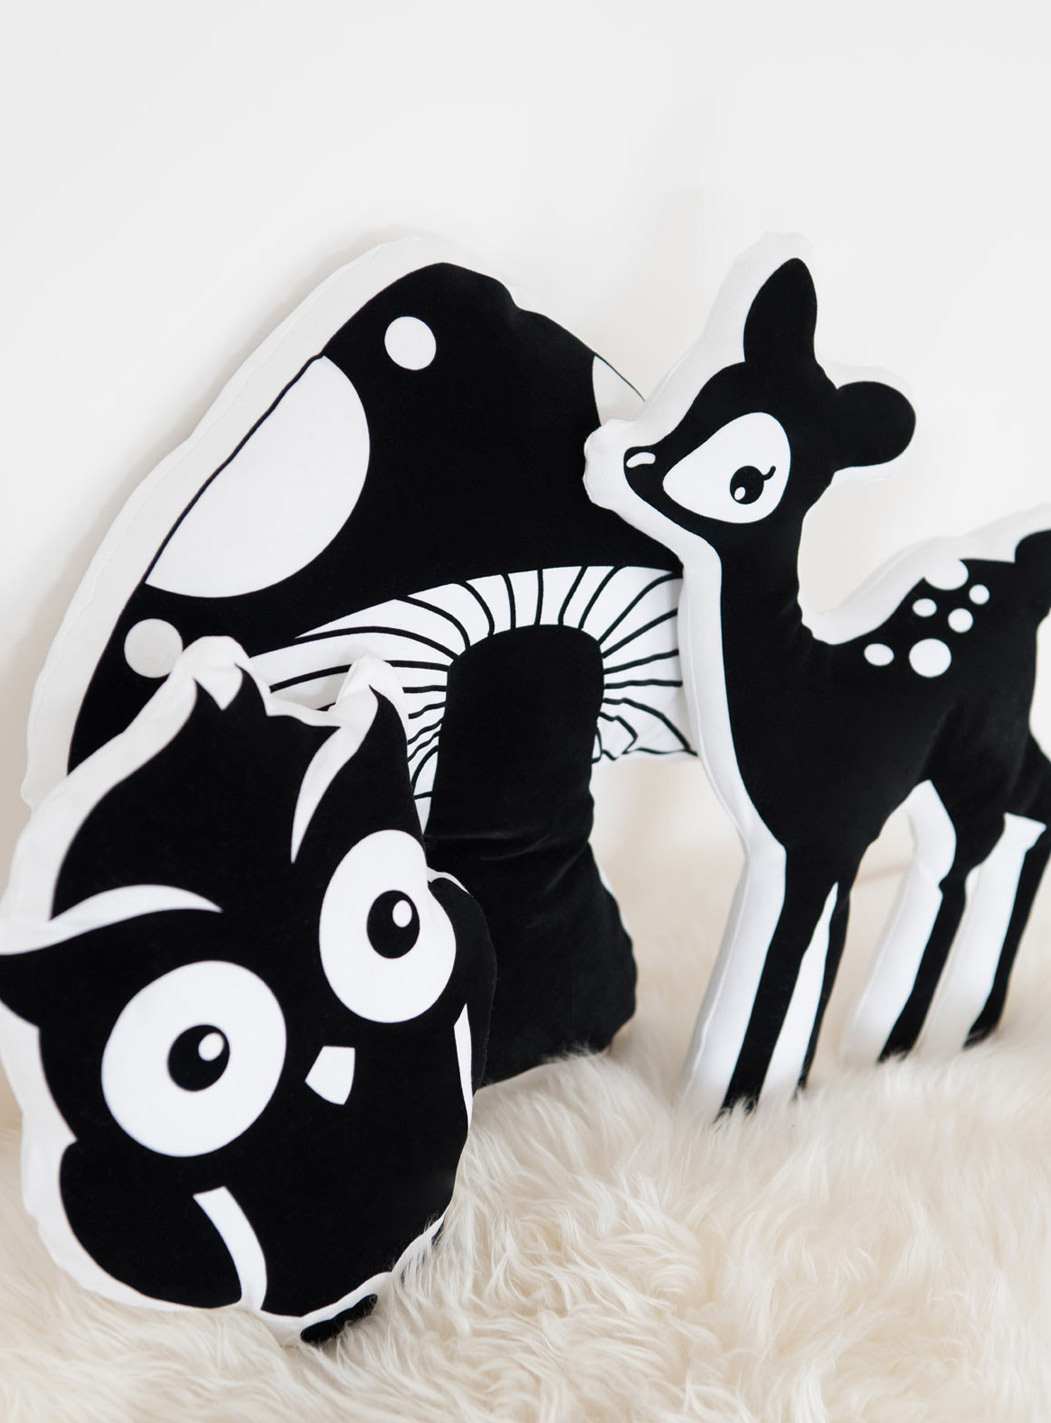 Tierkissen - Kissen mit Tiermotiven Wald